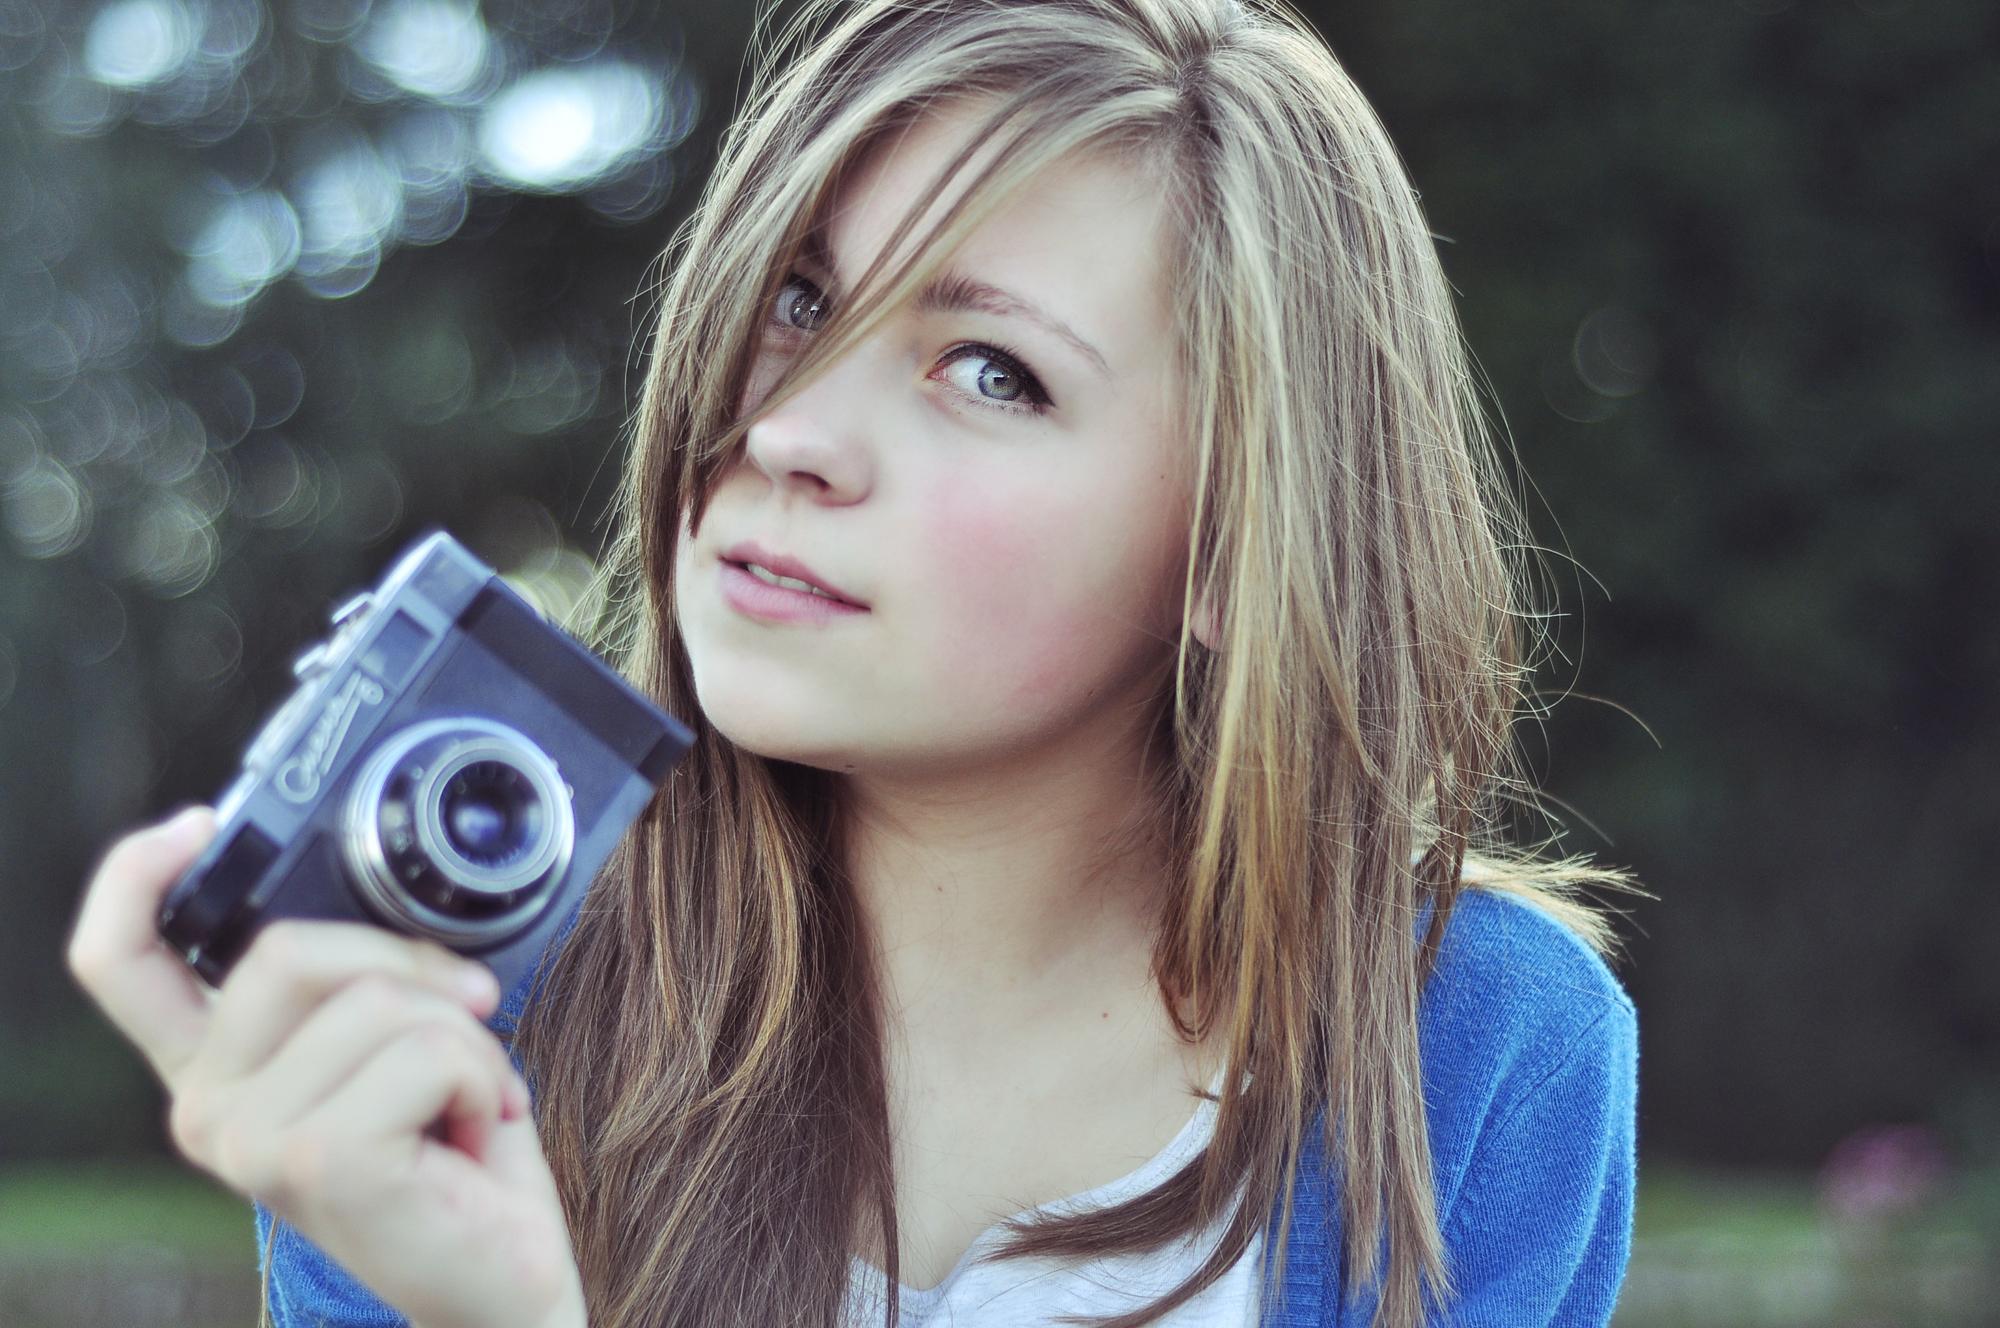 صورة صور بنات كيوت حلوين , احلي صور لبنت كيوت جميلة 6357 8